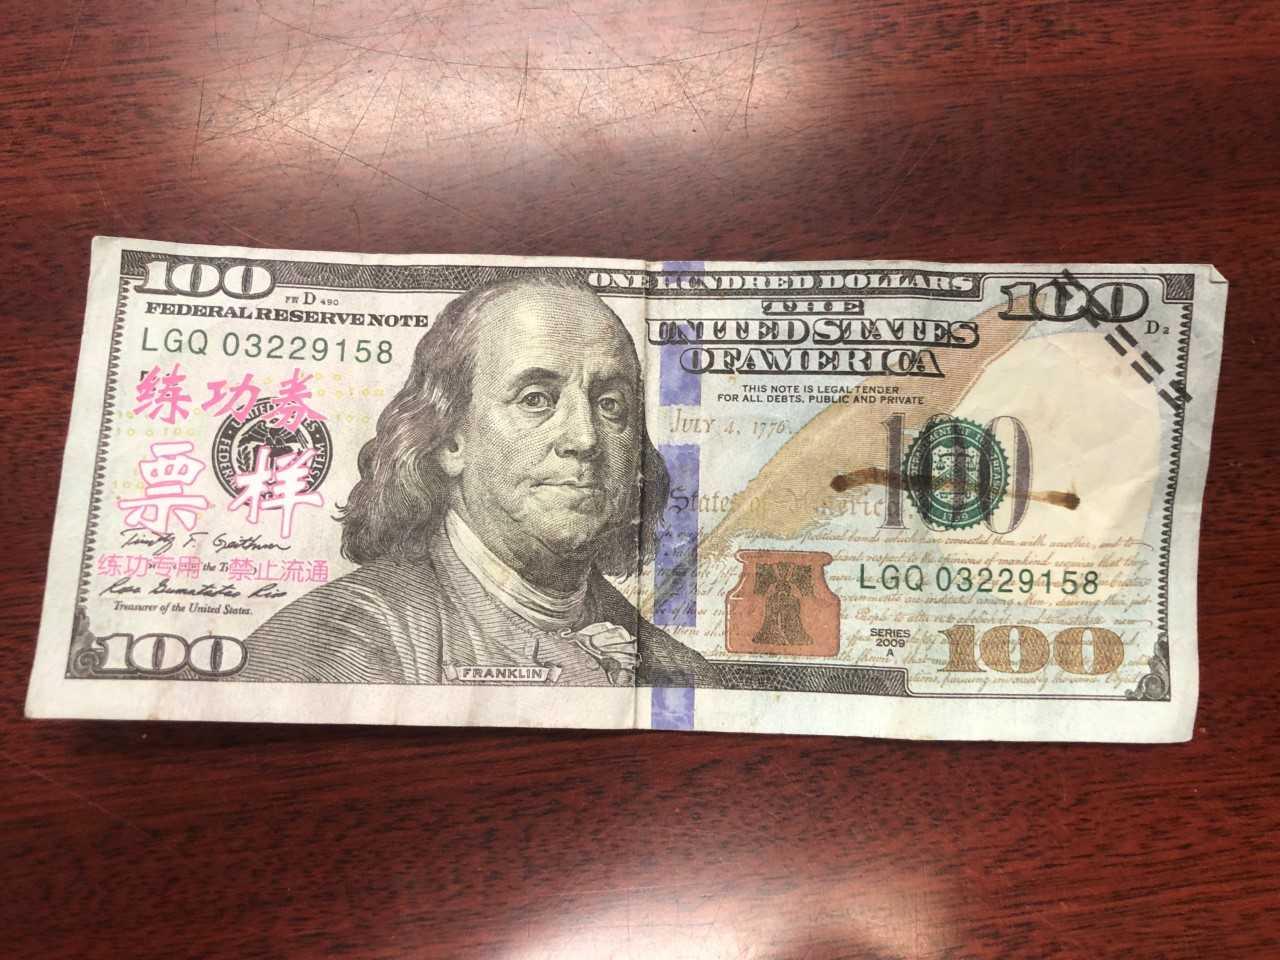 Counterfeit $100 investigation 1_1544464481699.jfif.jpg